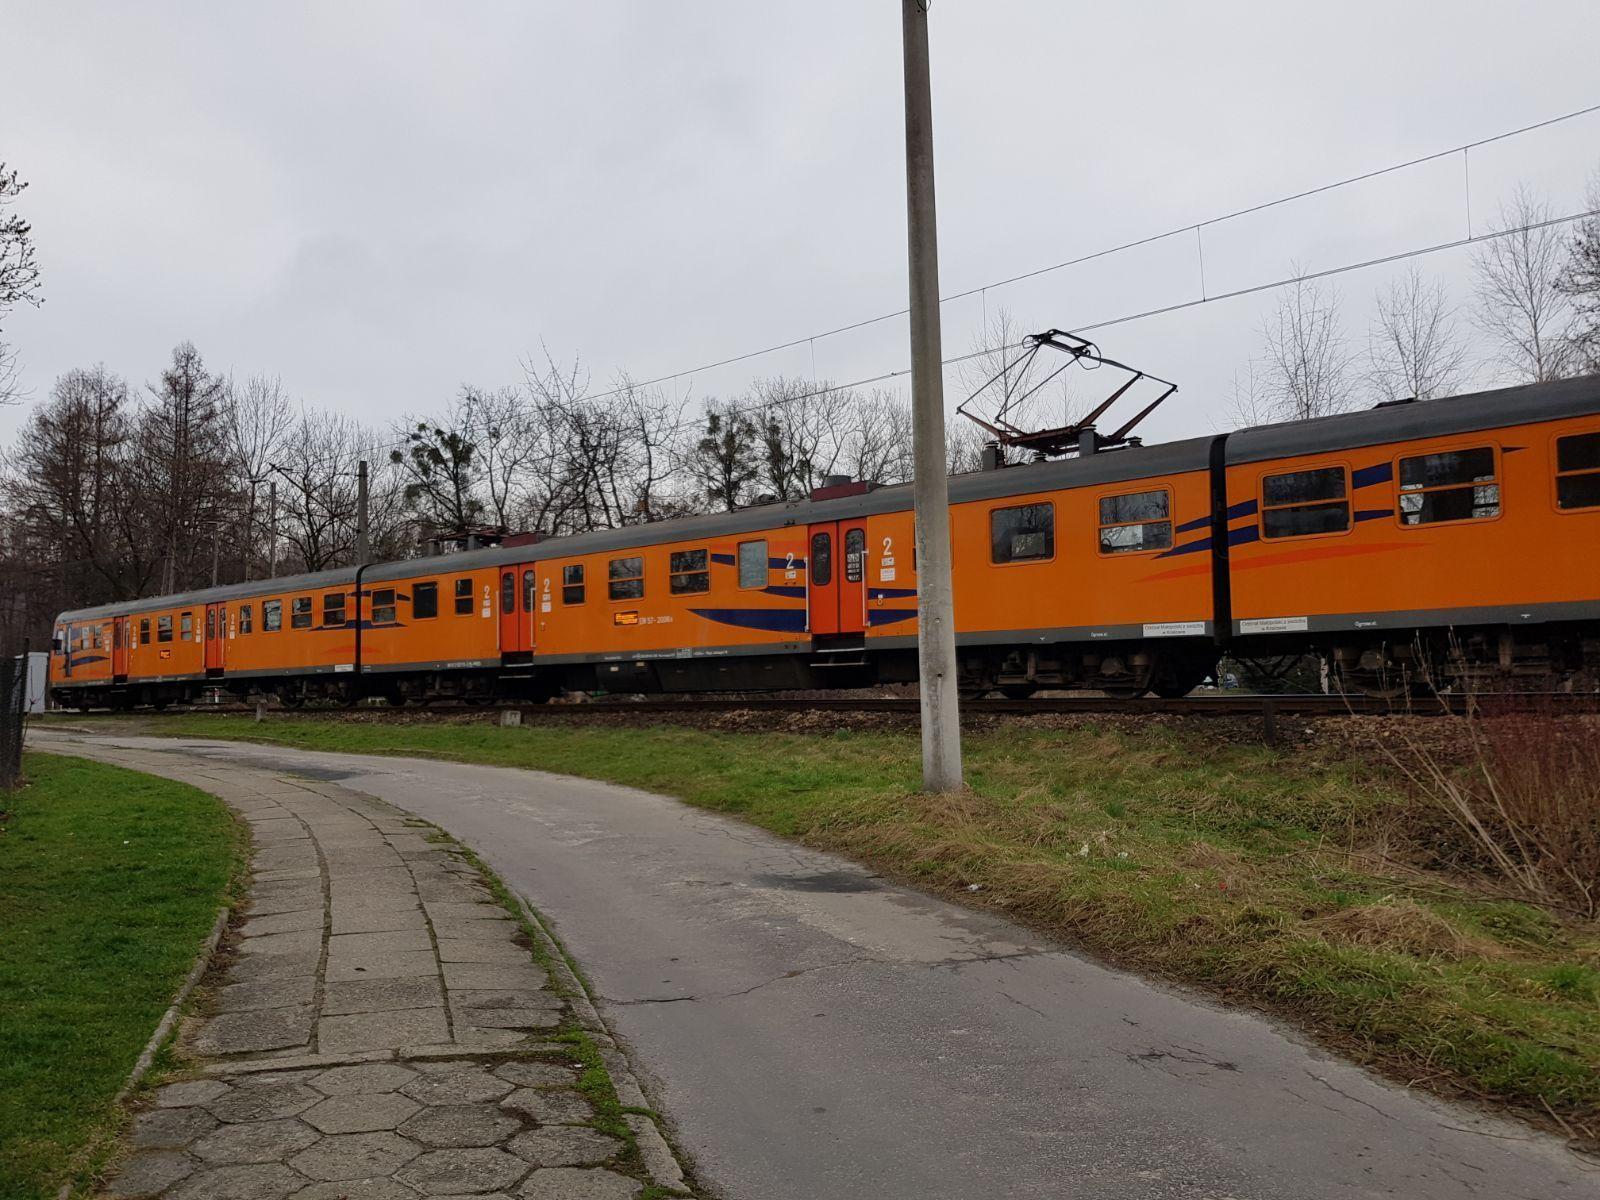 Nowy rozkład jazdy pociągów - już bez dalekobieżnych